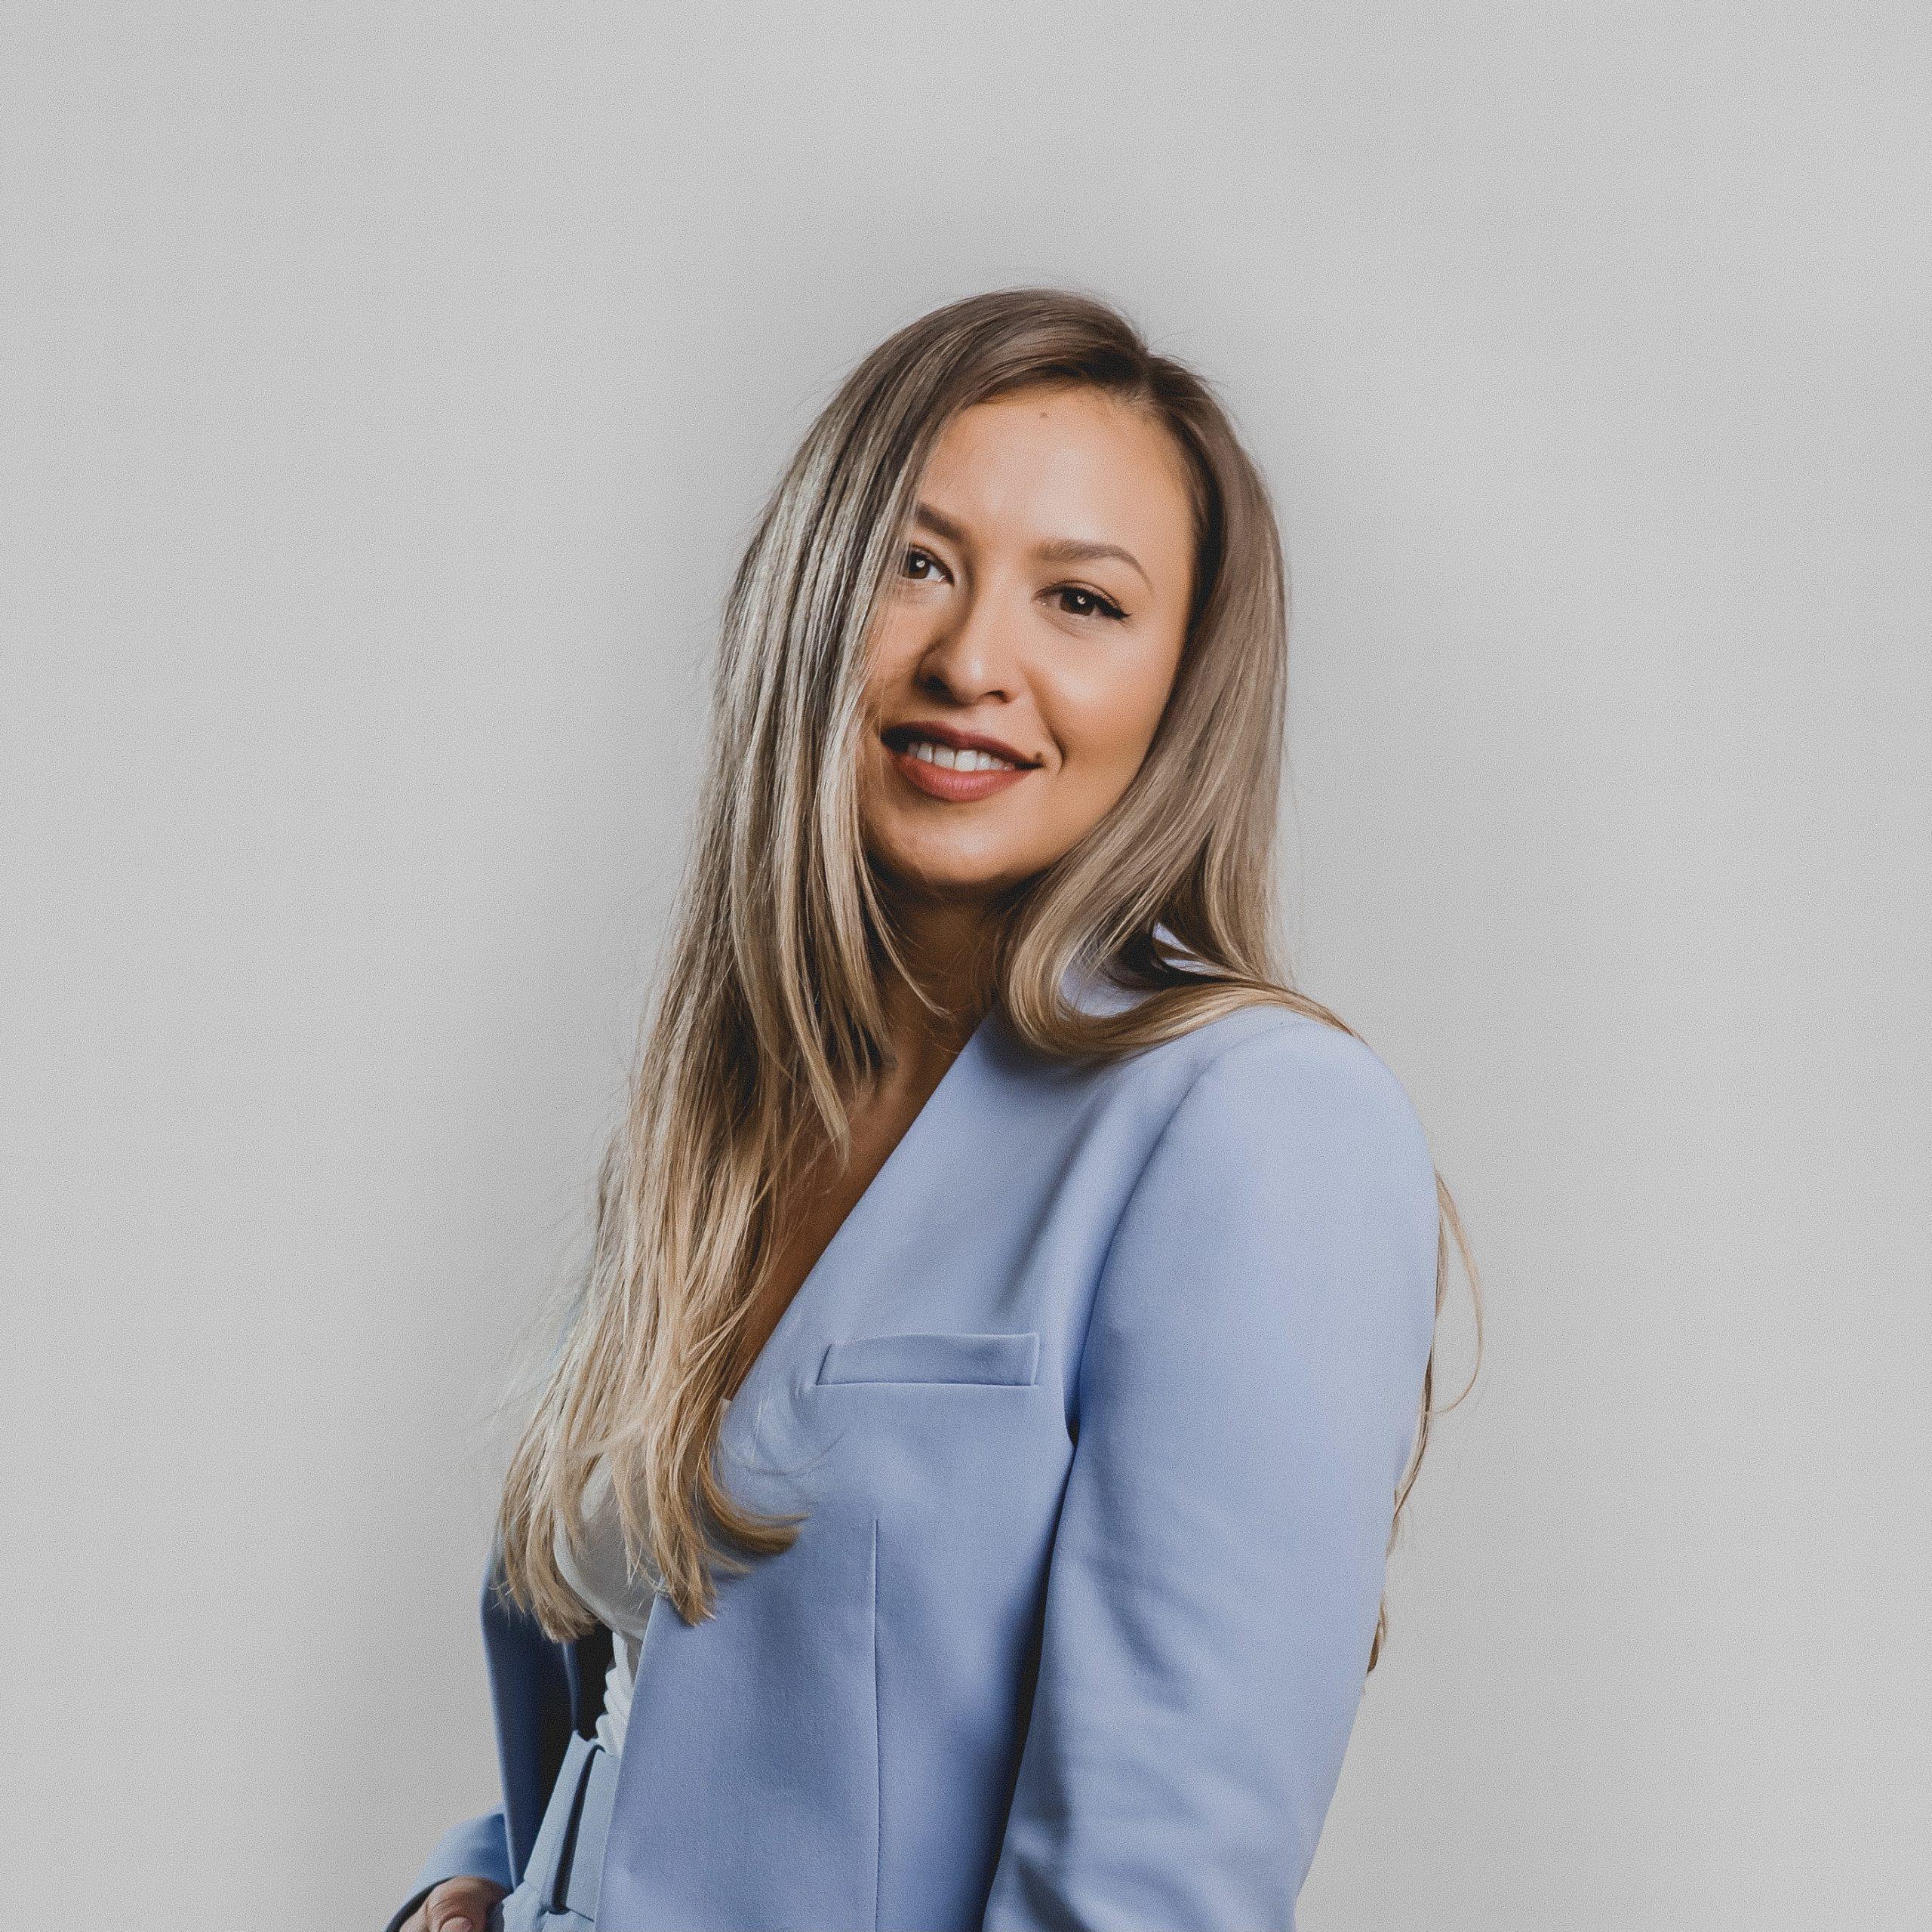 Claudia Miclaus Digital & Branding Consultant